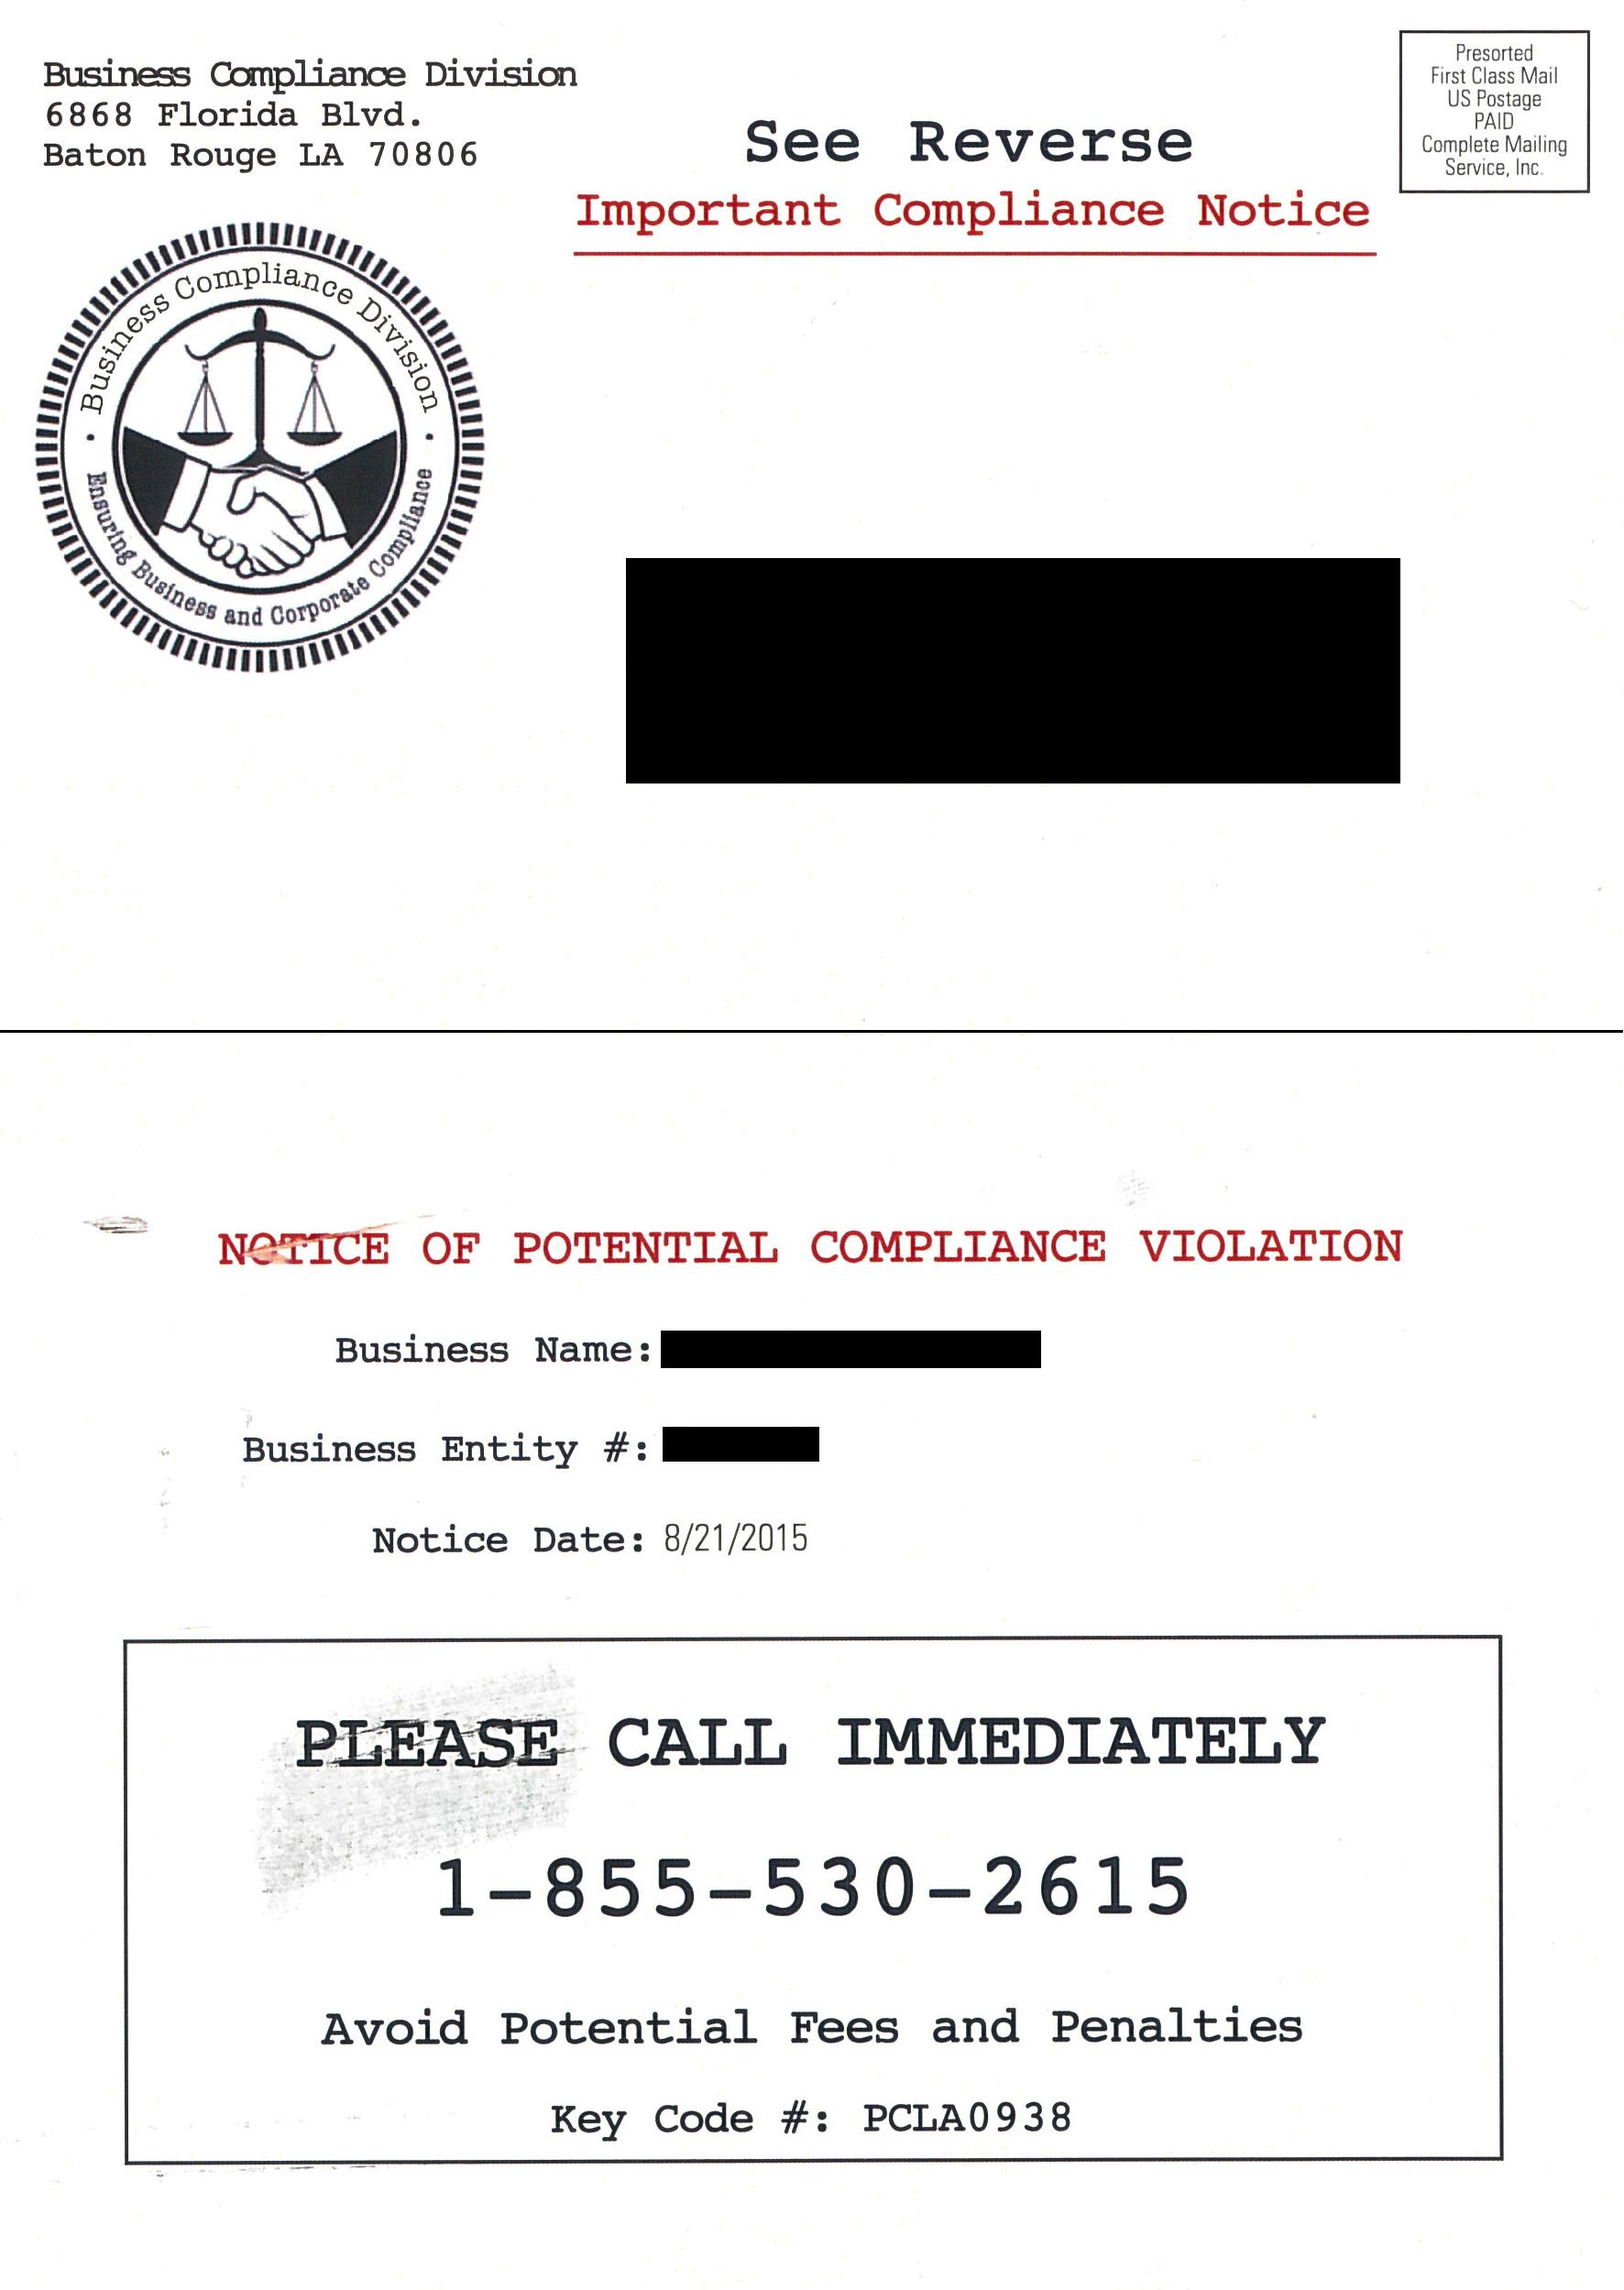 news events rh sos la gov Louisiana Notary Renewal Form Louisiana Notary Renewal Form